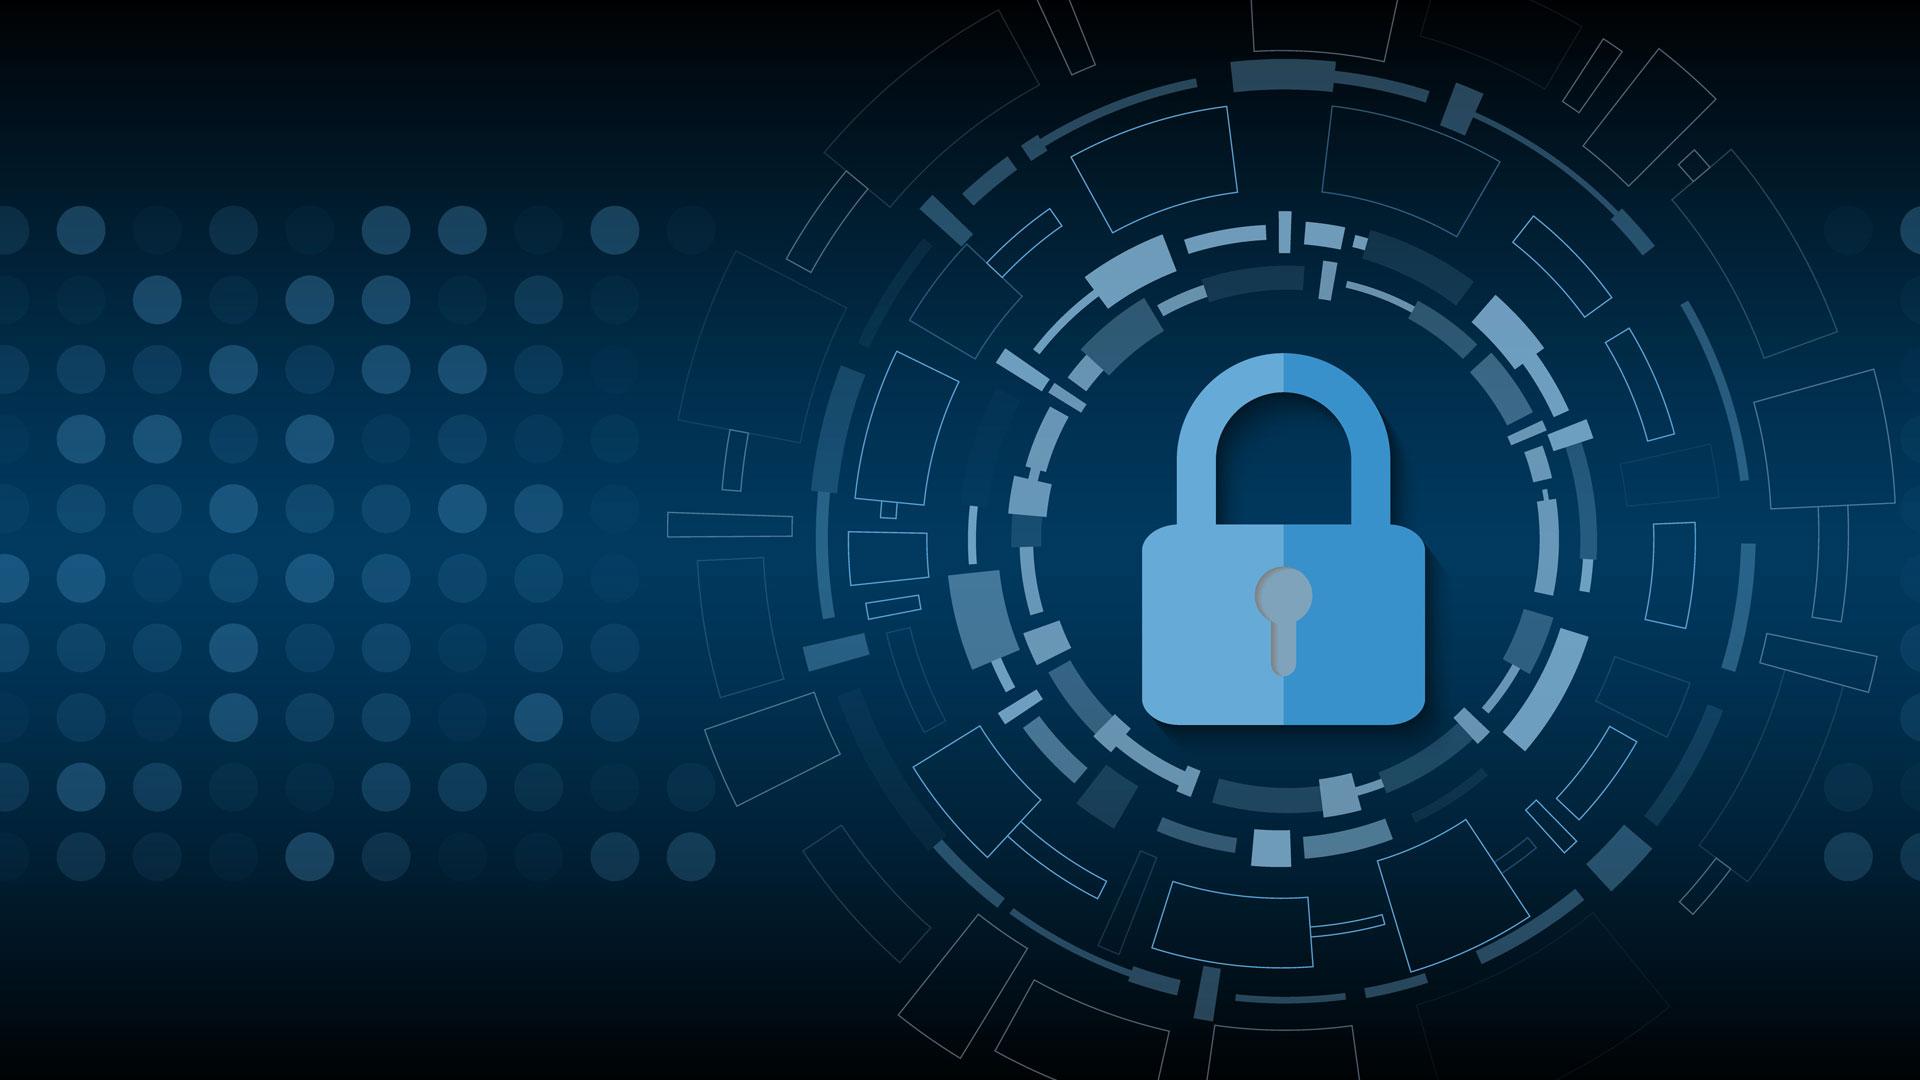 Riconoscimento Biometrico e Cyber Sicurezza